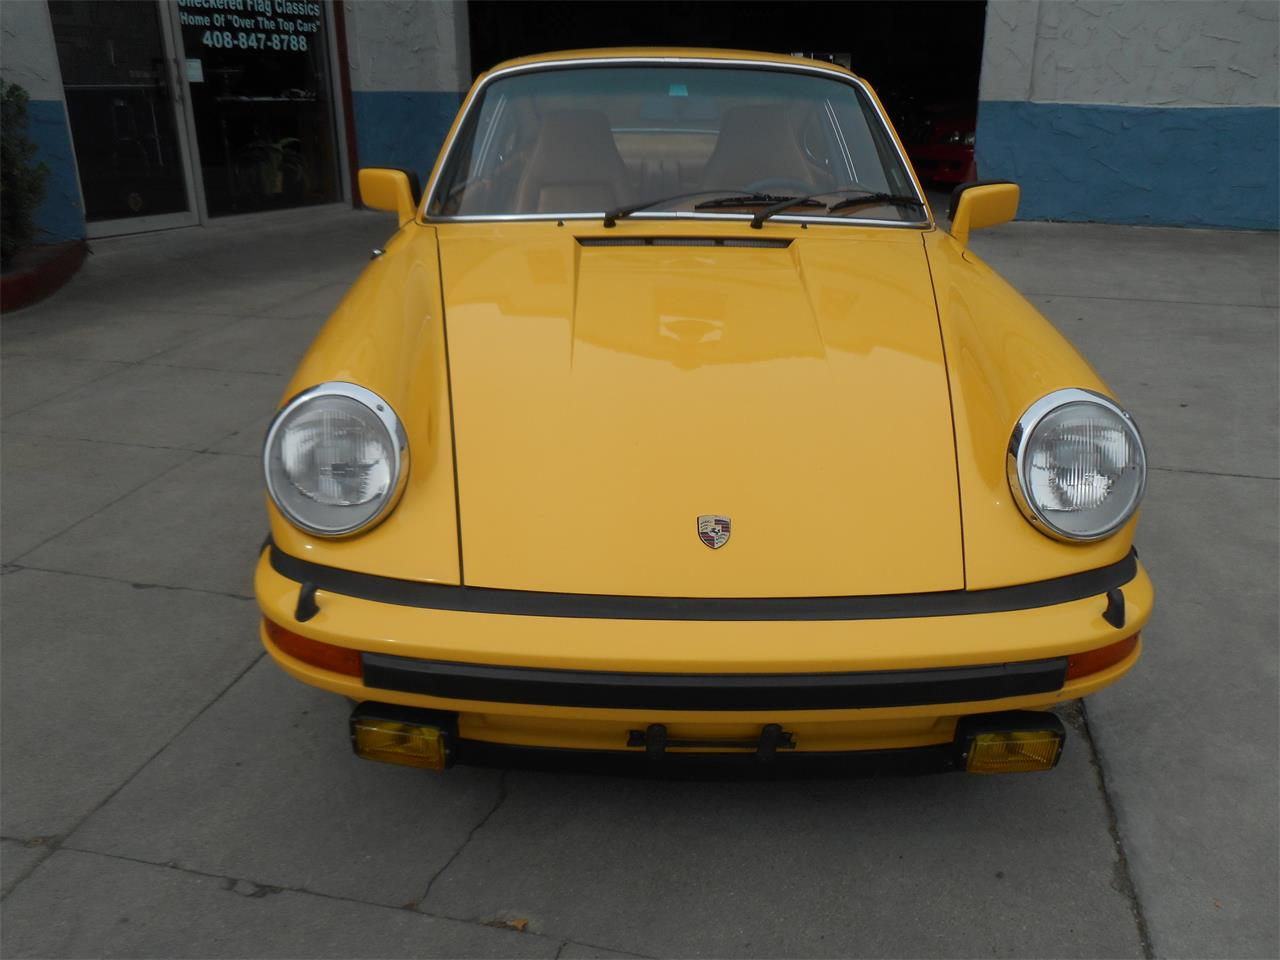 1978 Porsche 911 Carrera (CC-1218456) for sale in Gilroy, California